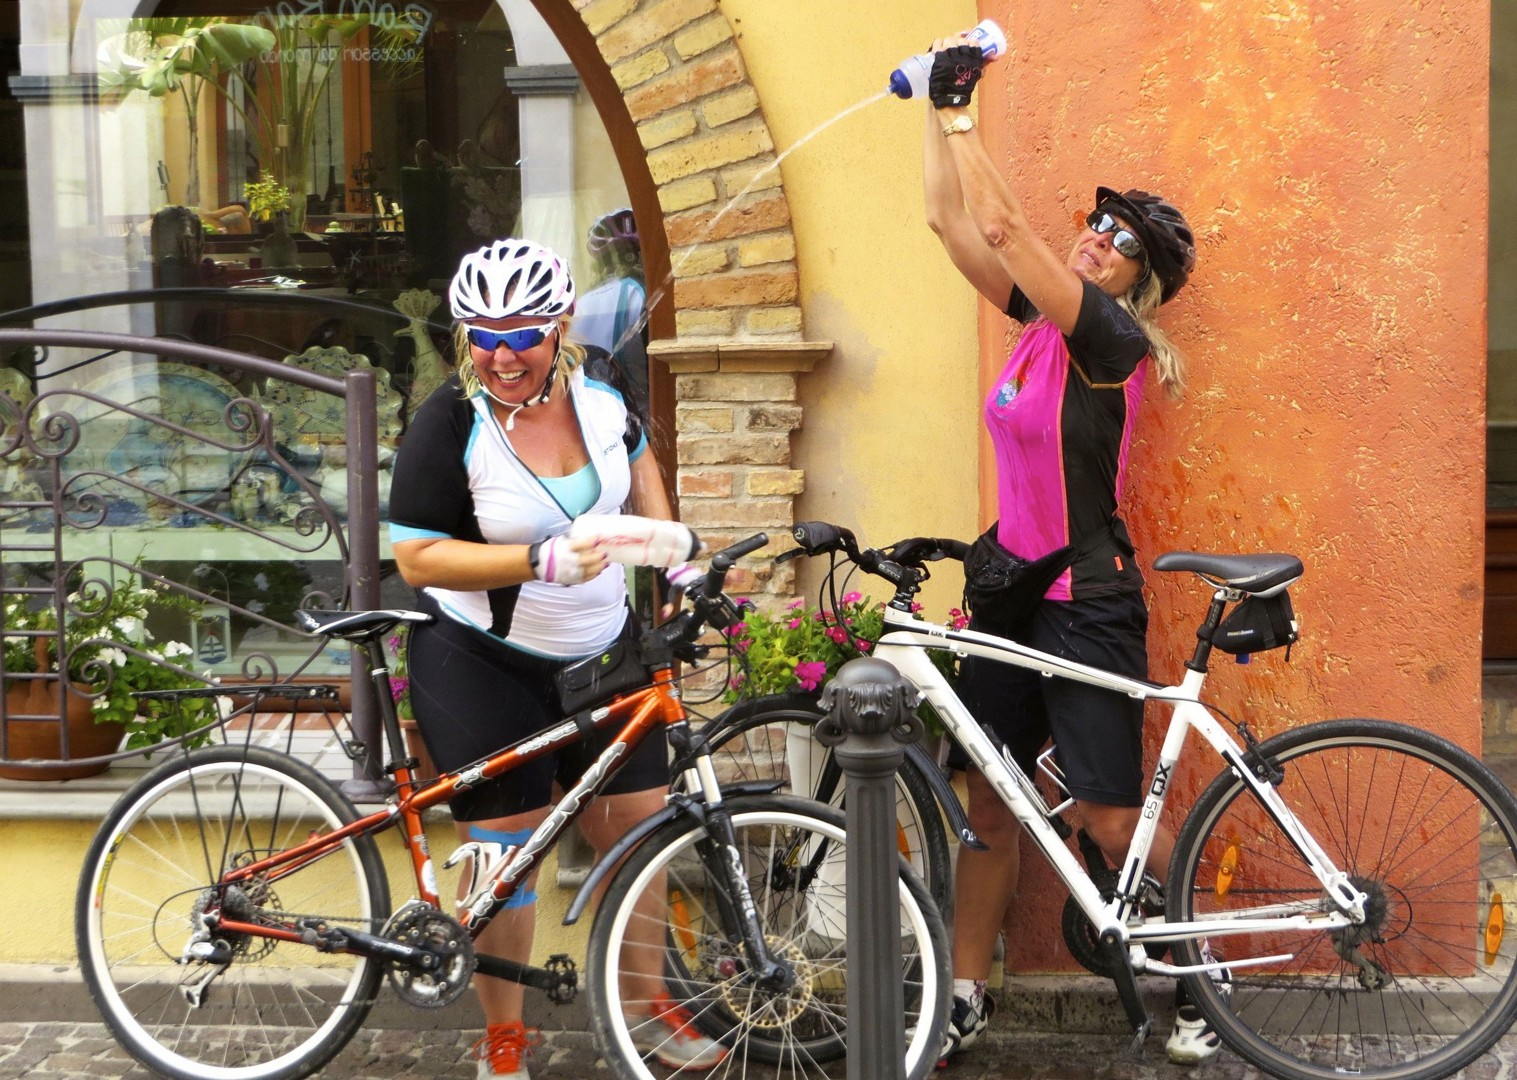 unesco-su-nurax-sardinia-leisure-cycling-holiday.jpg - Italy - Sardinia - West Coast Wonders - Self-Guided Leisure Cycling Holiday - Leisure Cycling